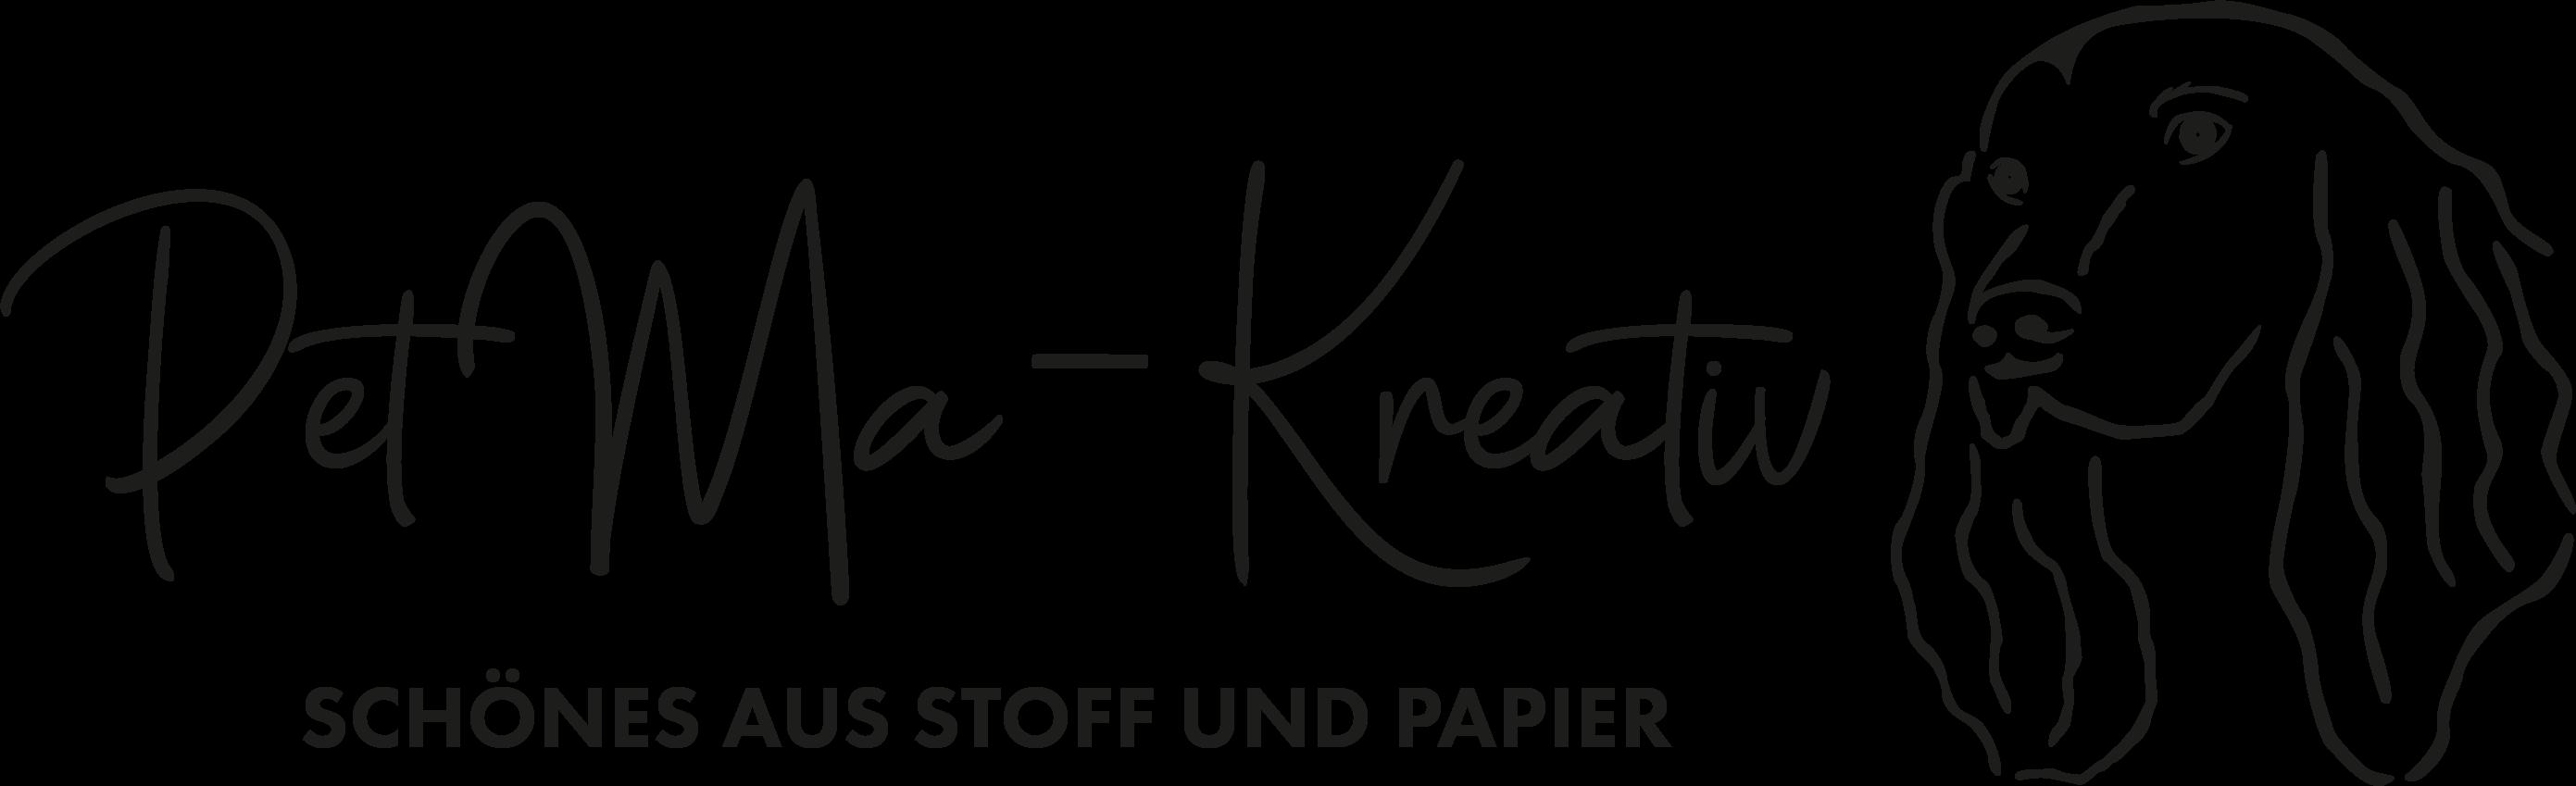 PetMa-Kreativ